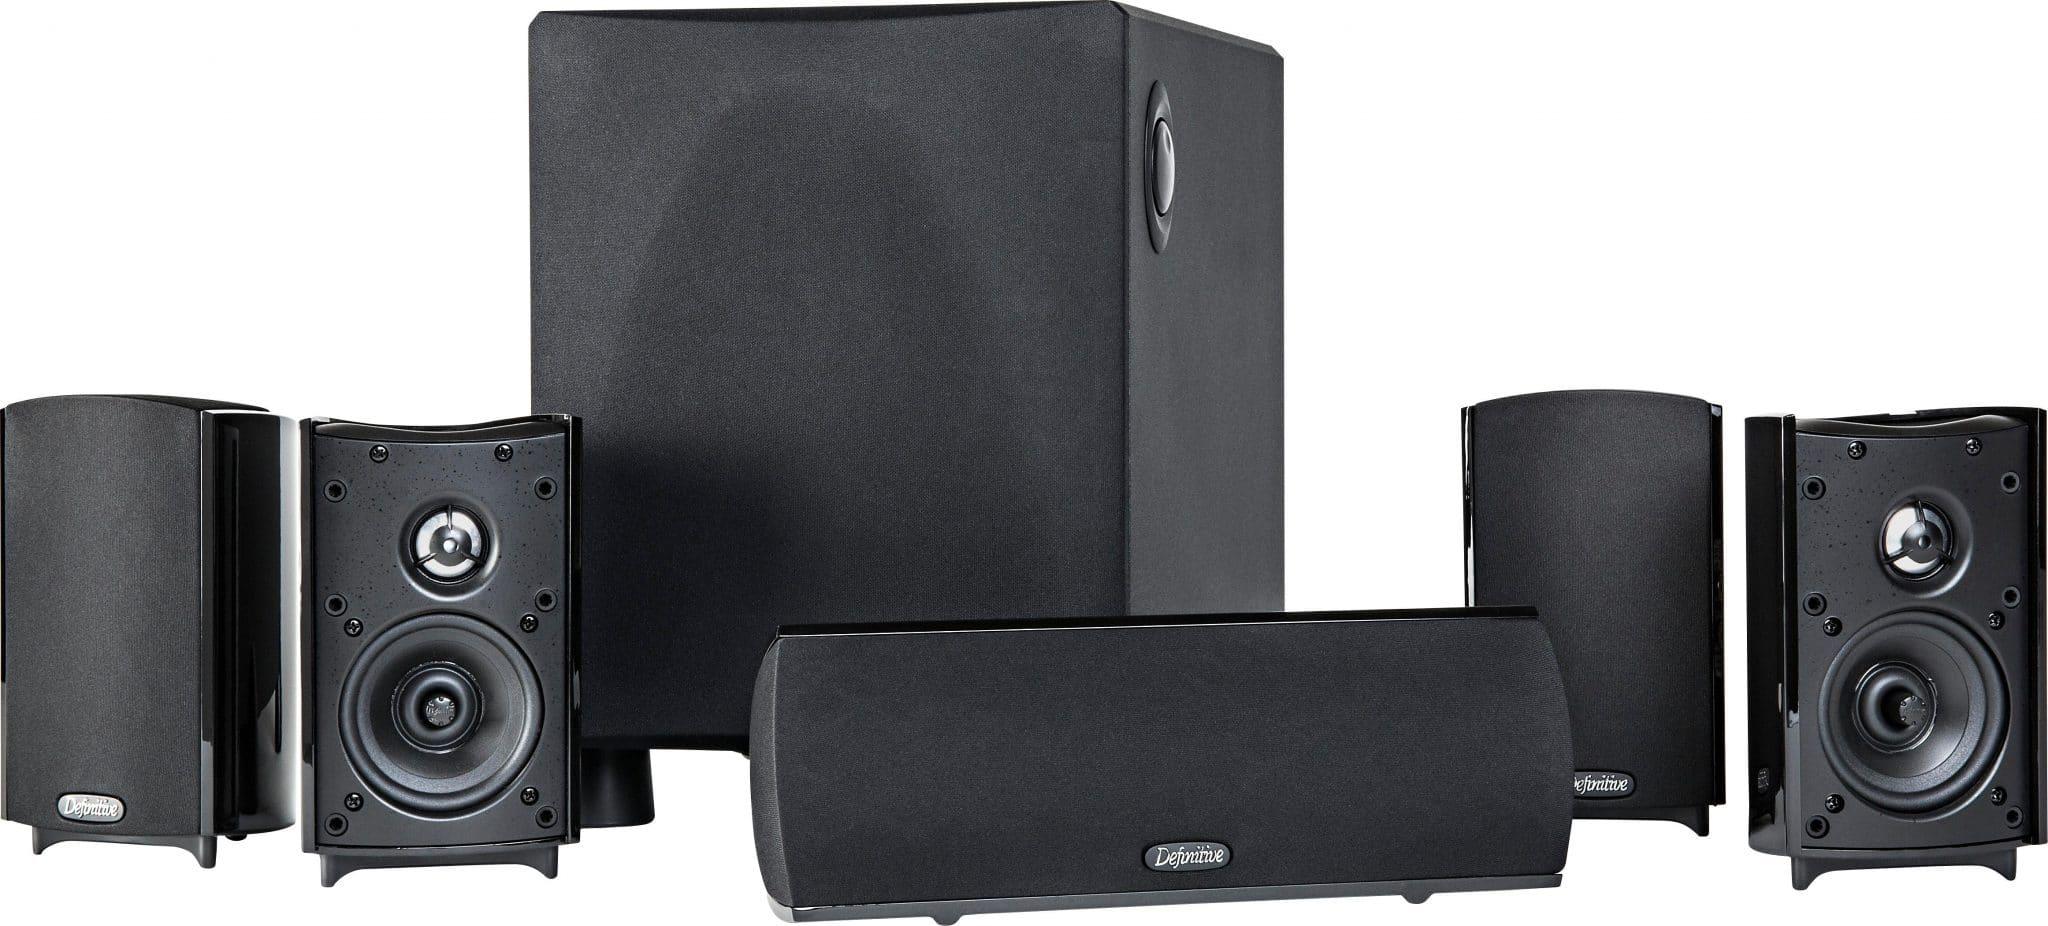 pro cinema 800 wireless projector speakers